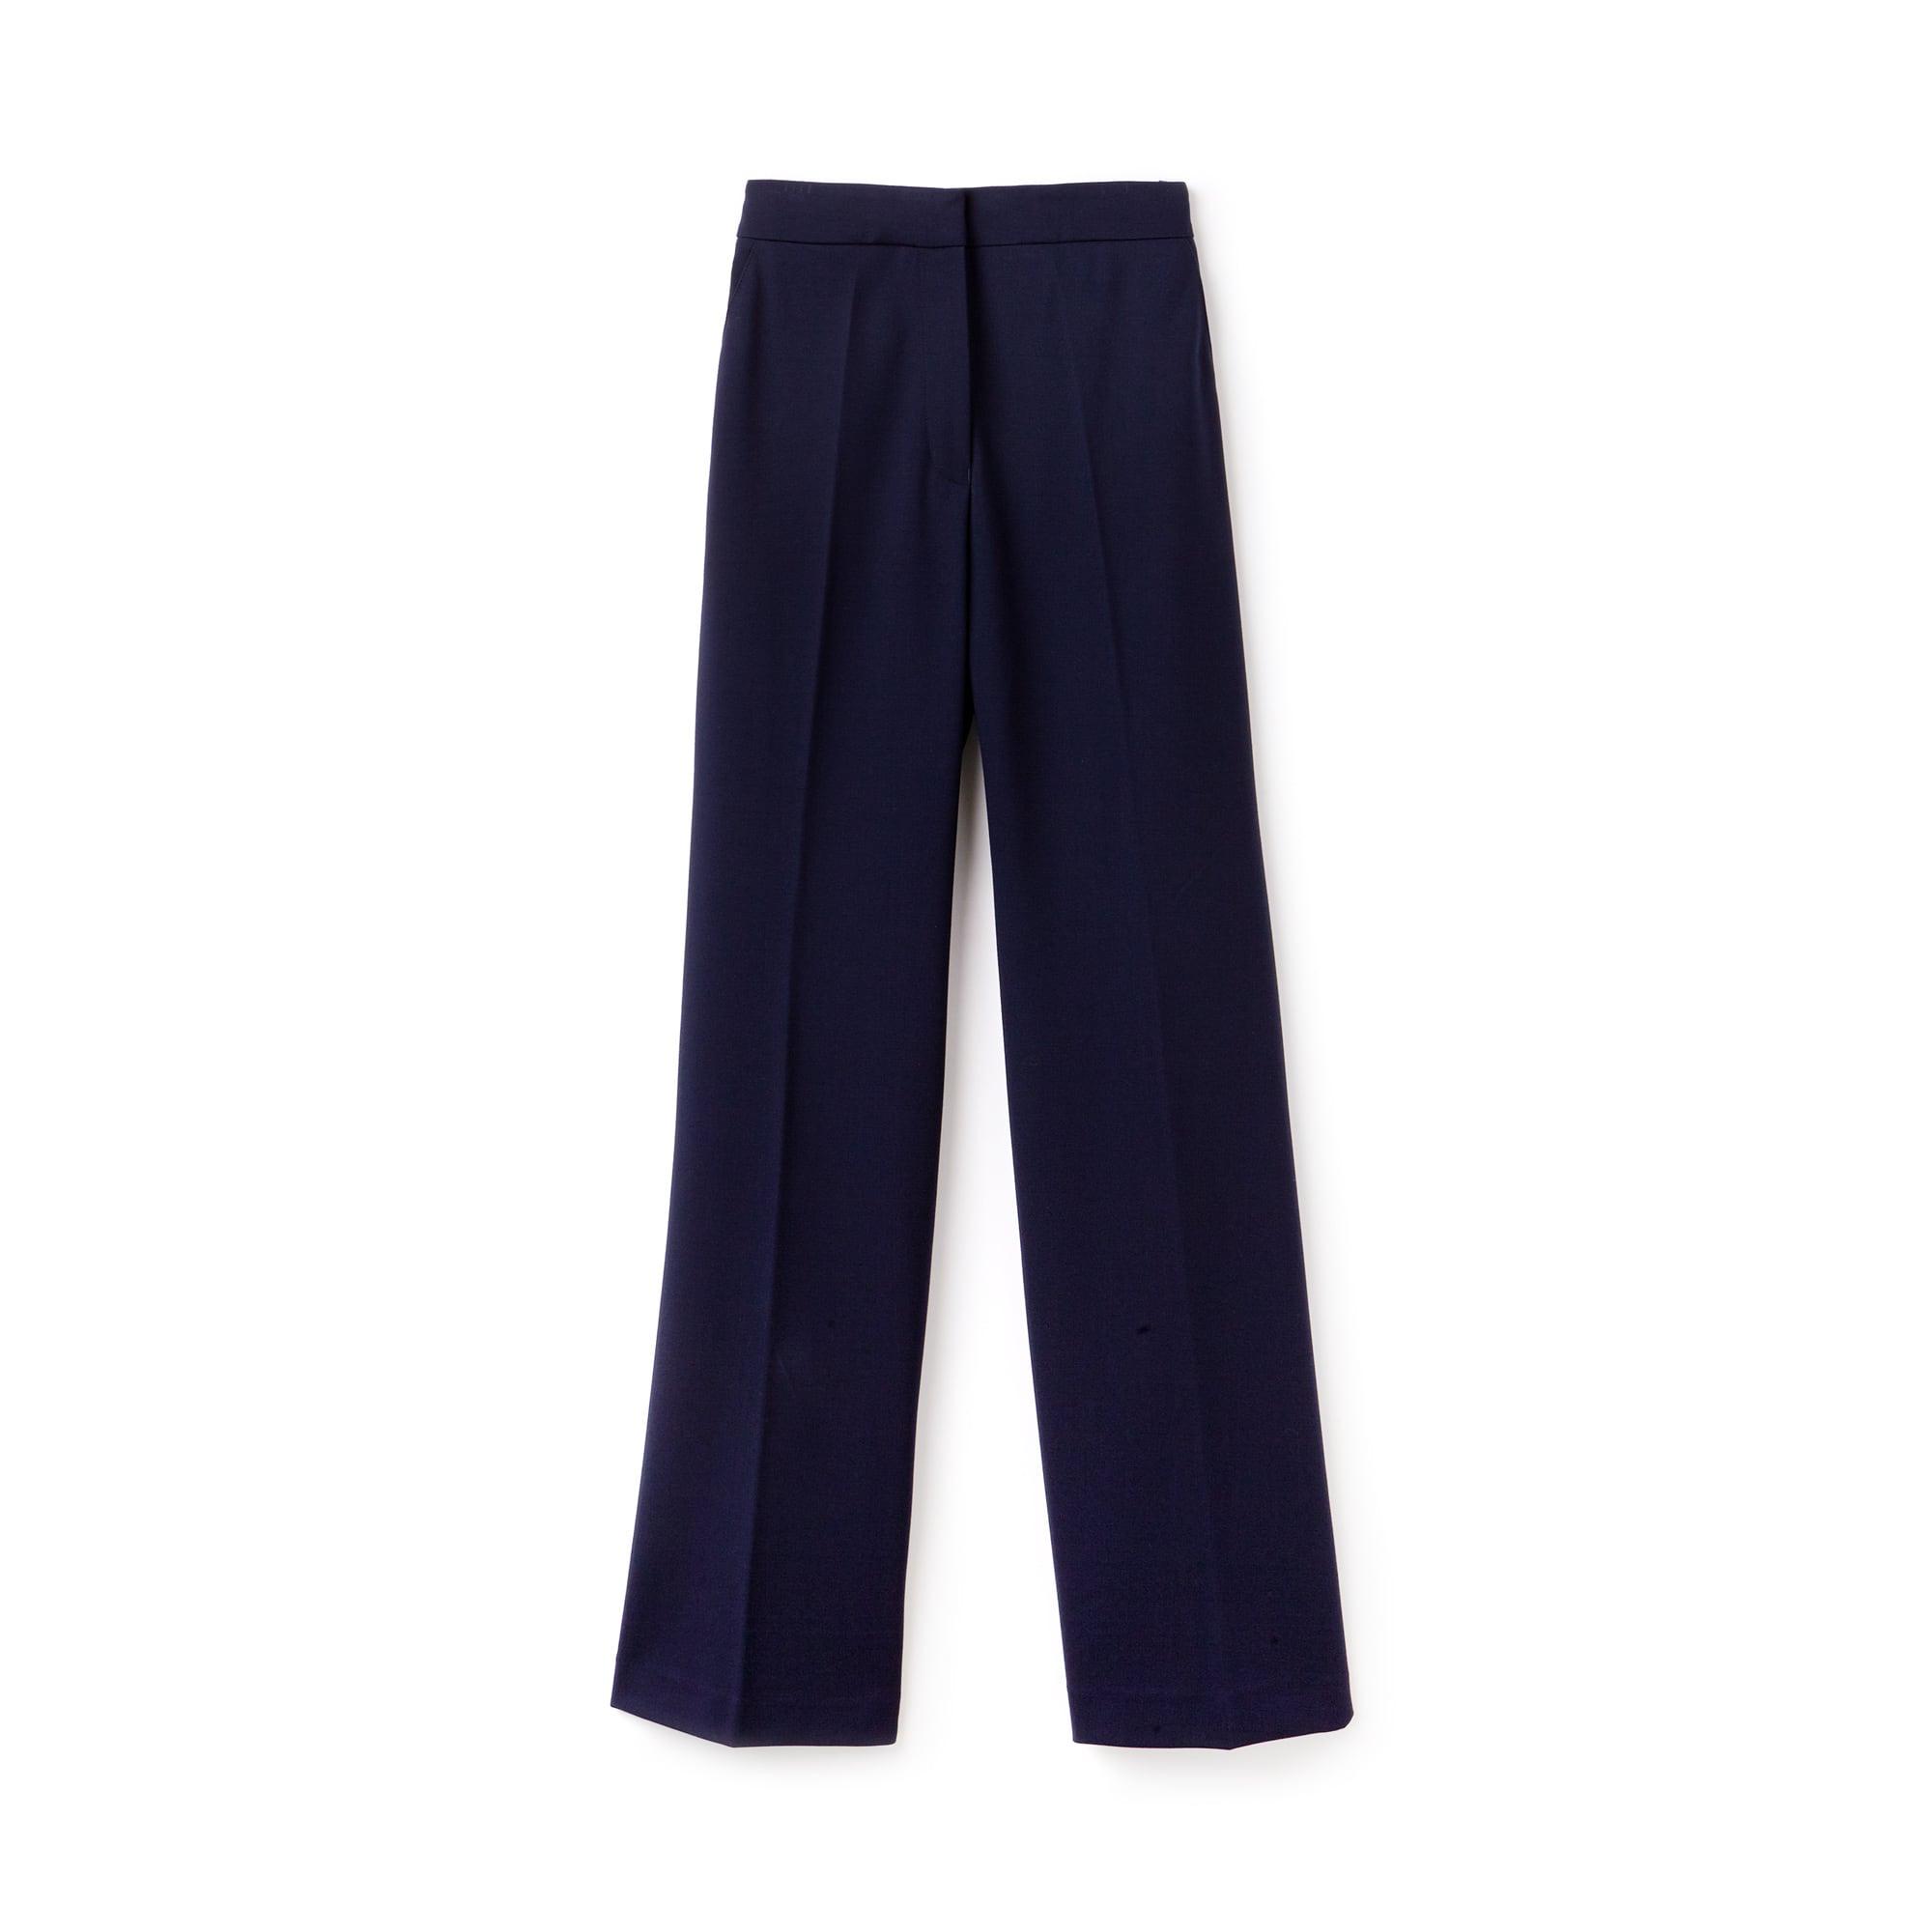 Pantalon fluide en maille milano stretch unie